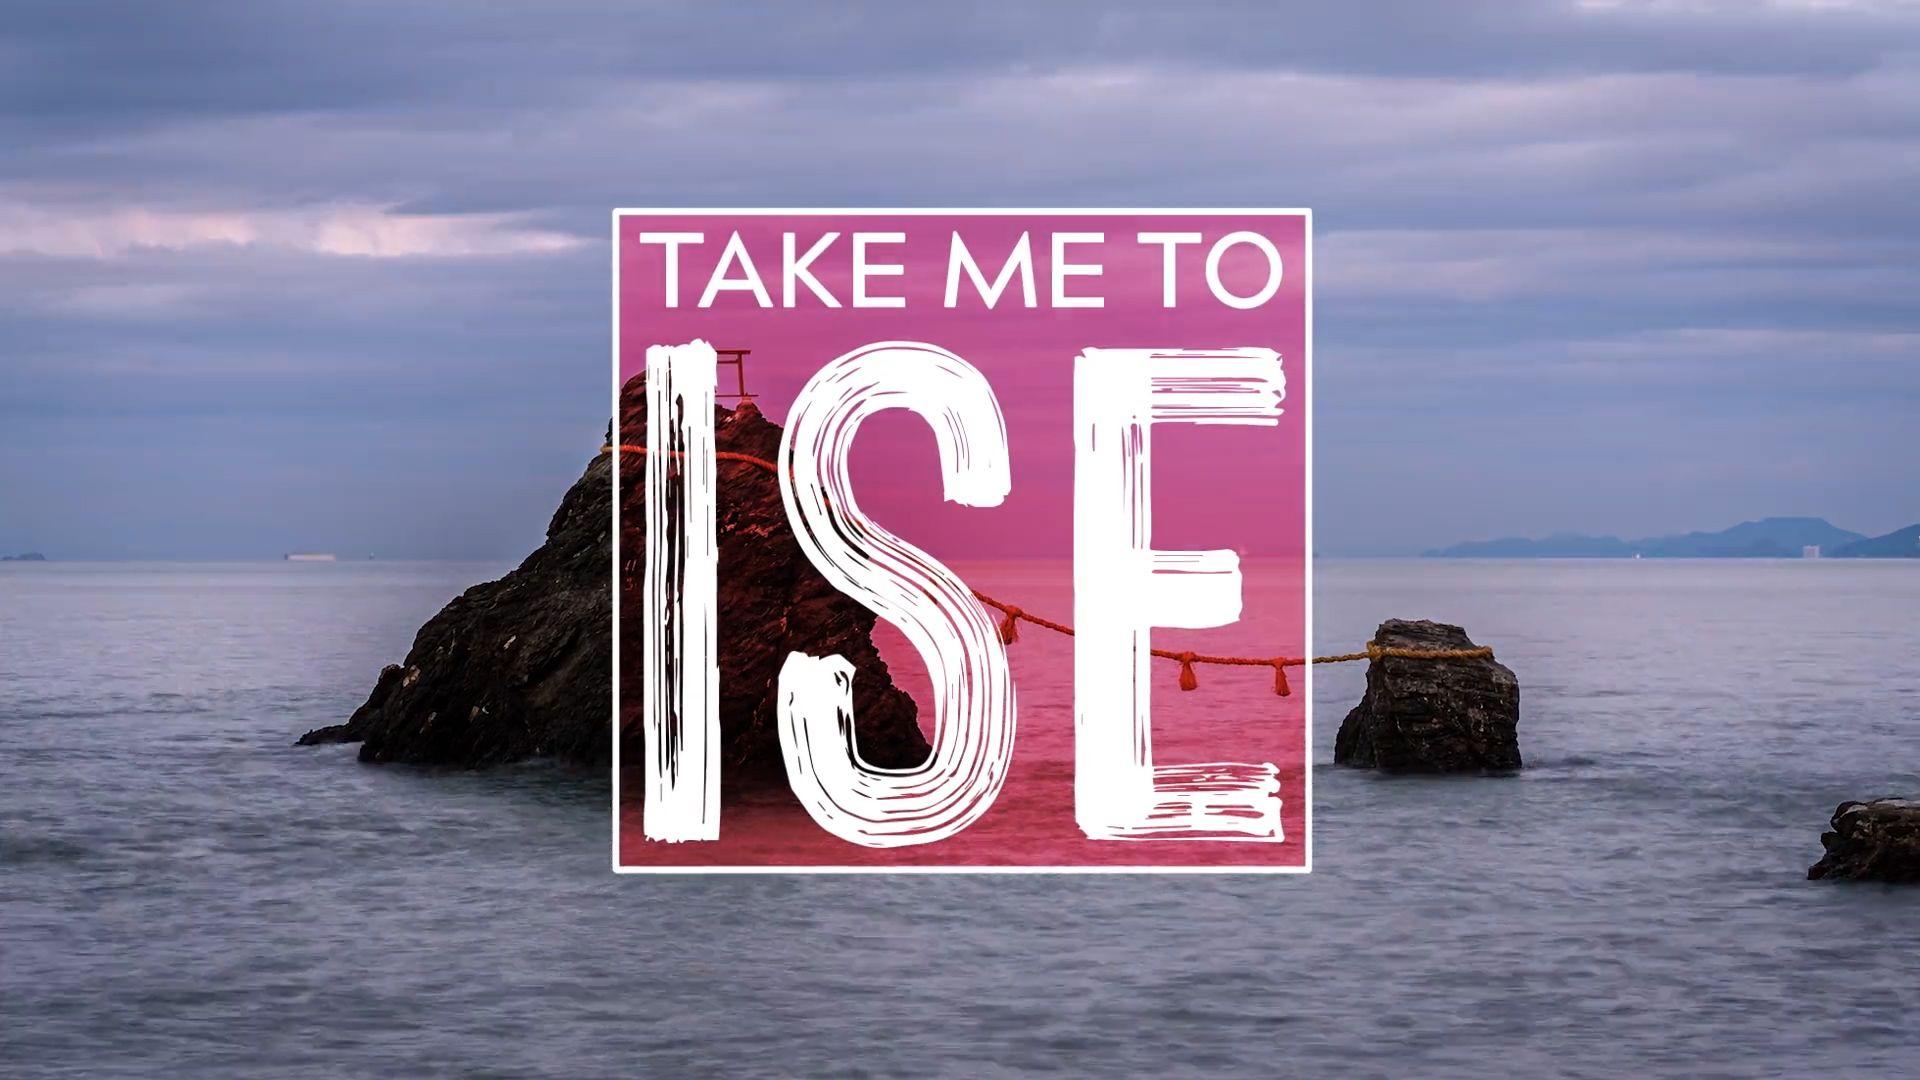 Tastemade - Take Me to Ise